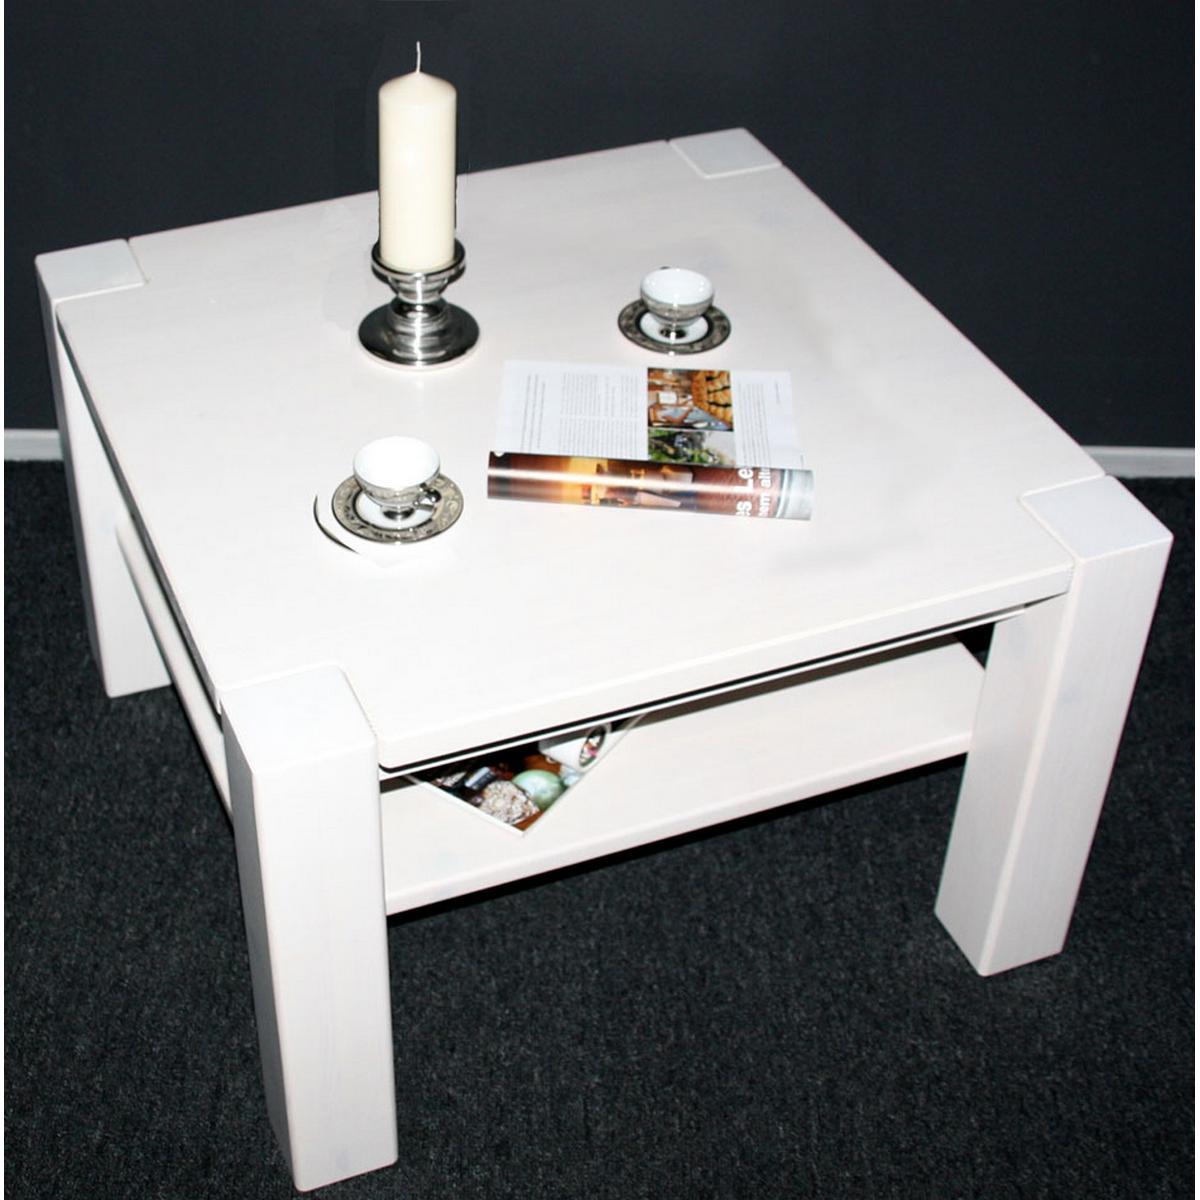 vollholz couchtisch 74x74 kiefer massiv wei lasiert bei. Black Bedroom Furniture Sets. Home Design Ideas